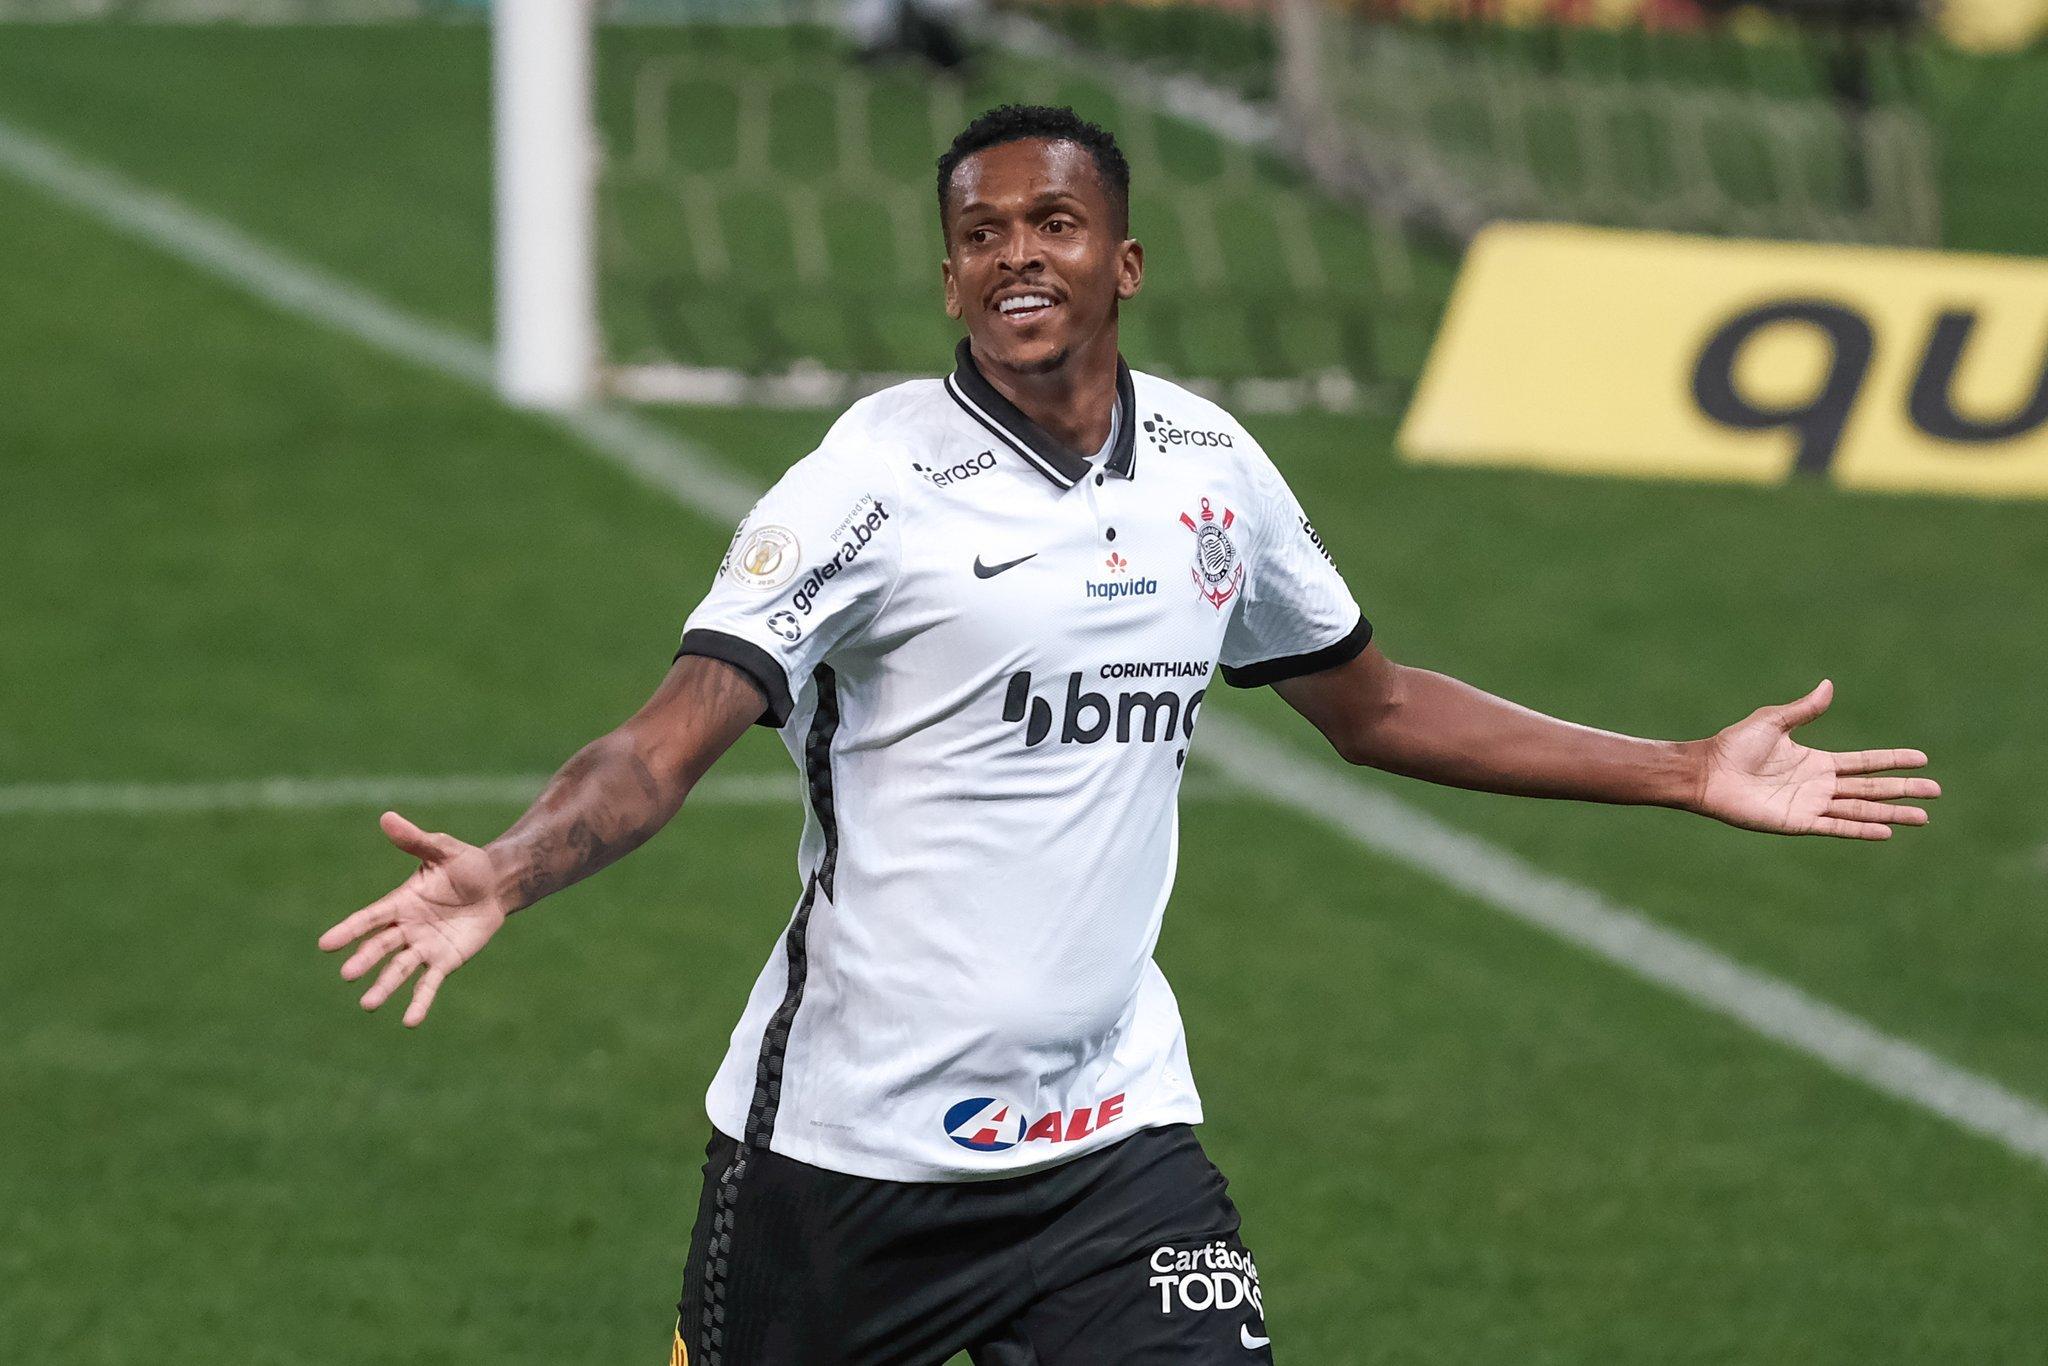 Corinthians goleio o Fluminense em 5 x 0 (Foto: Reprodução)